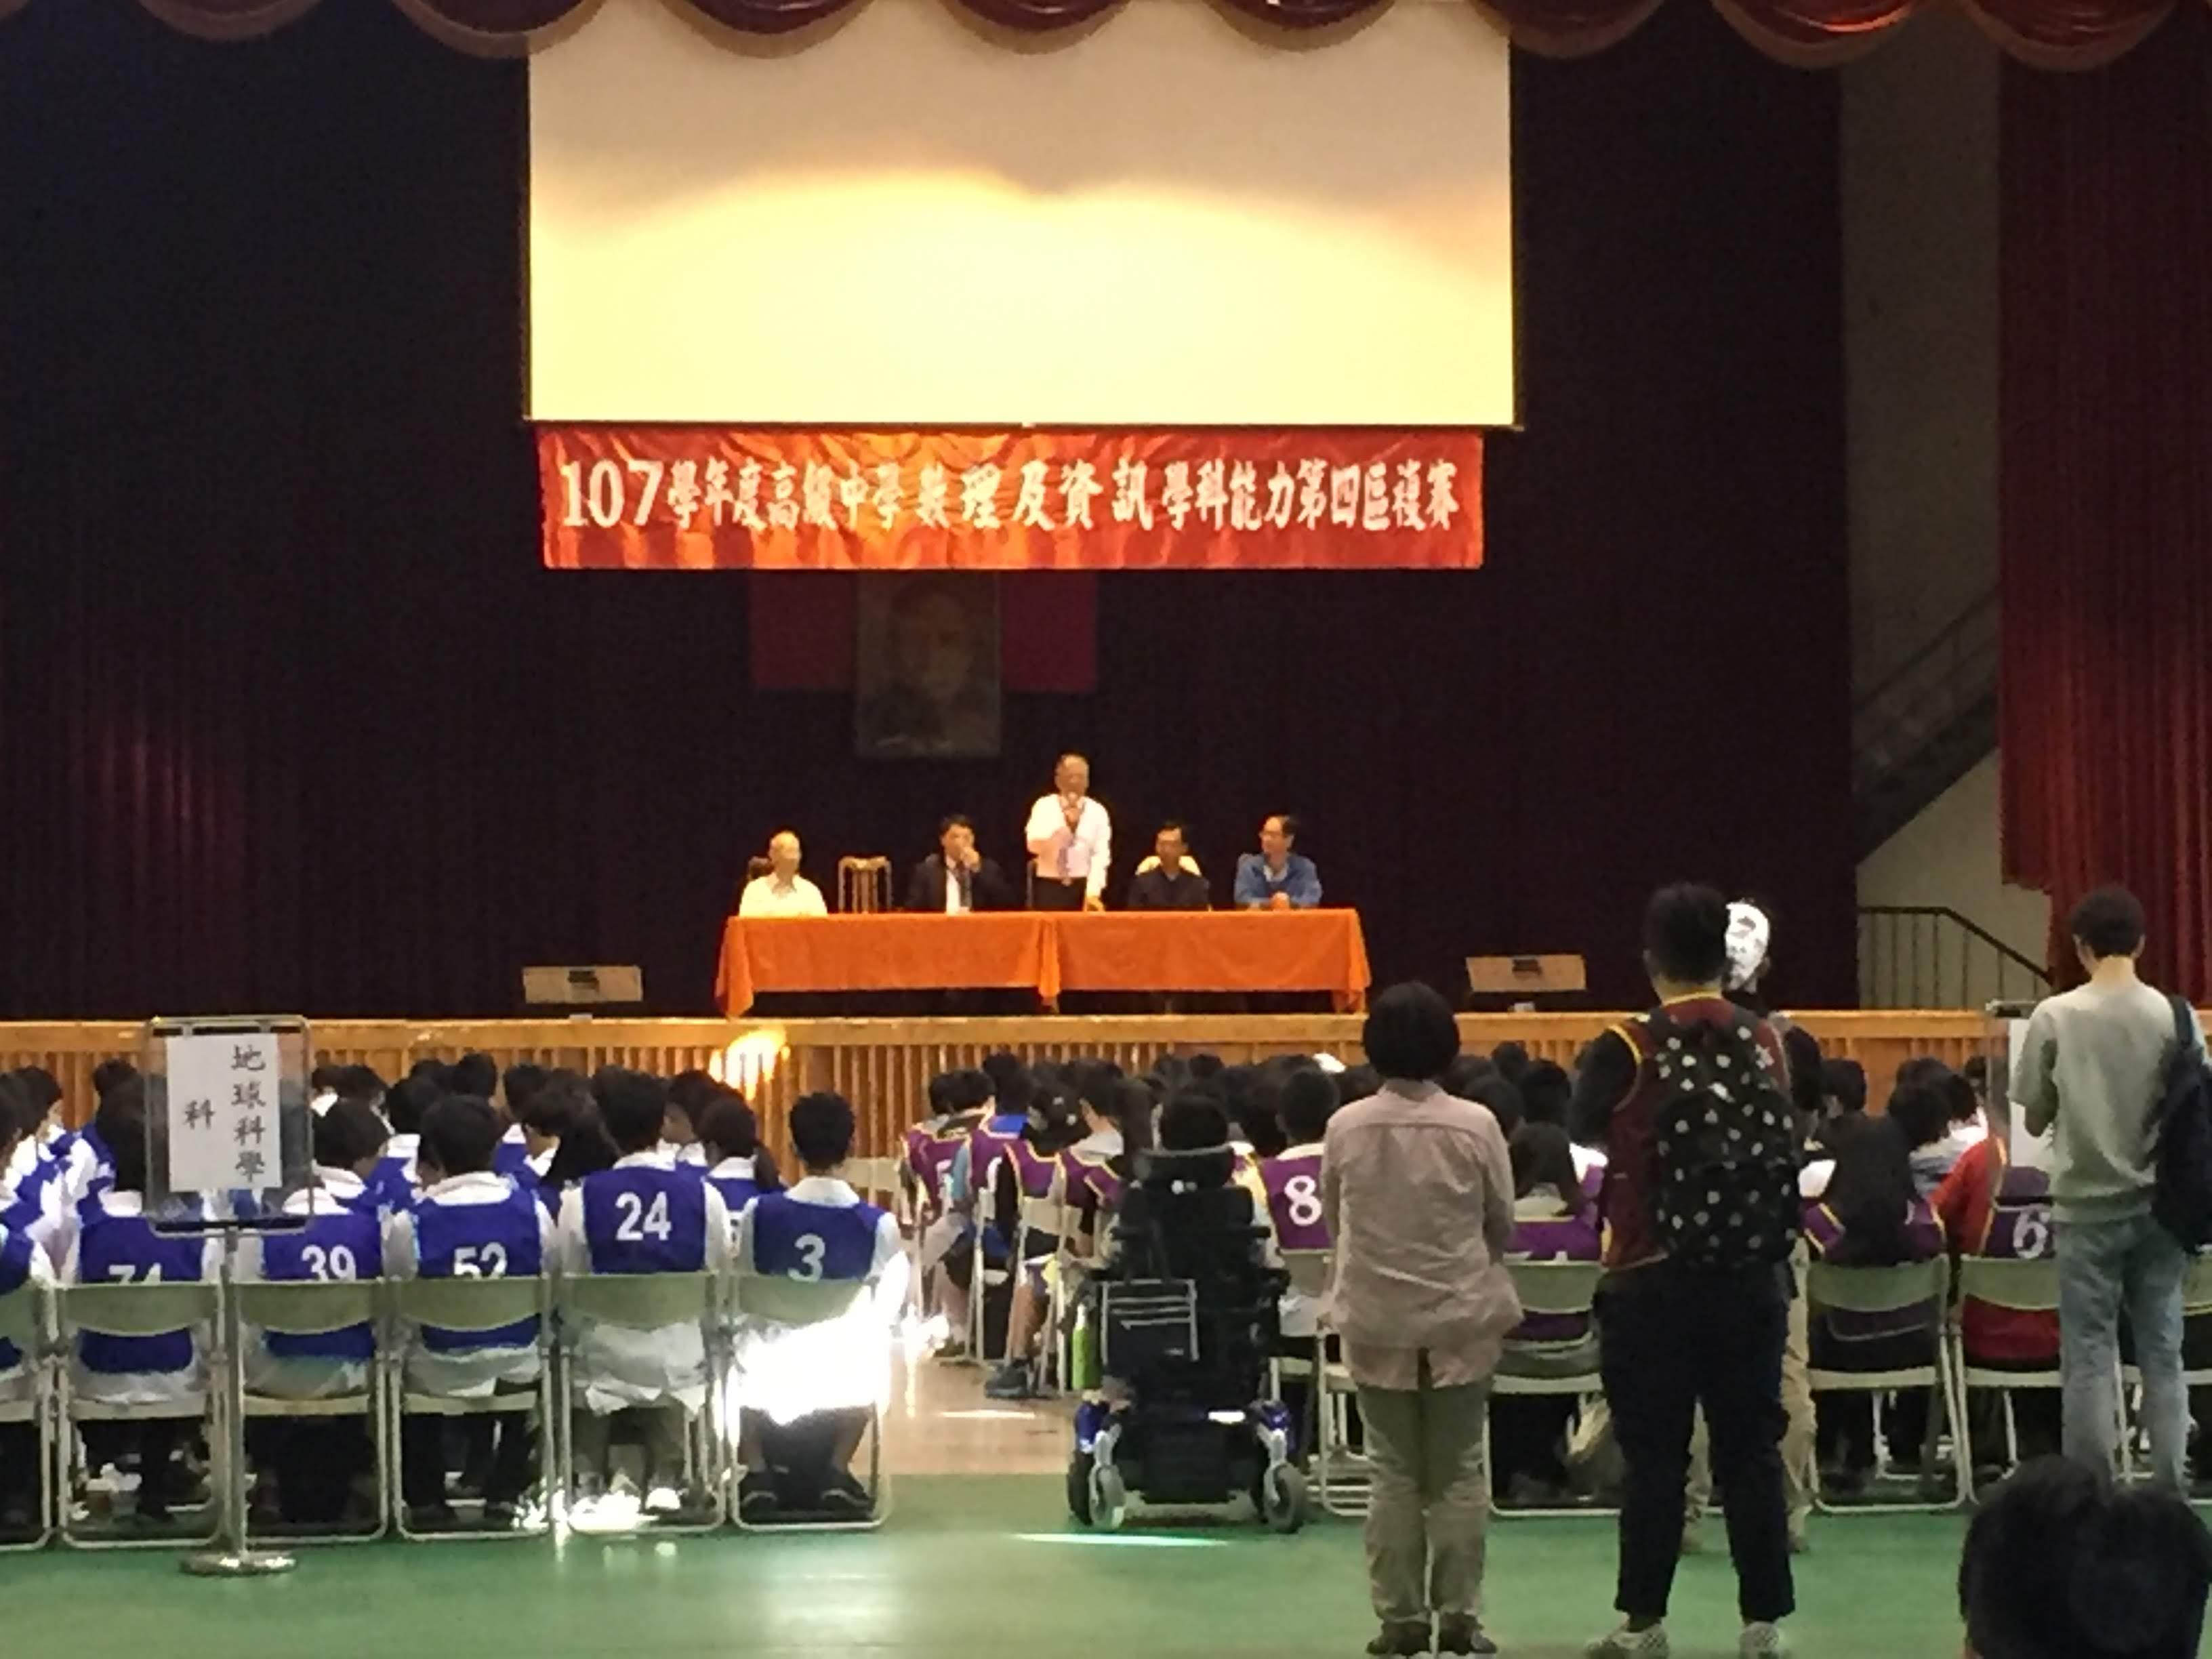 107學年度普通型高級中等學校數理及資訊學科能力競賽中區複賽